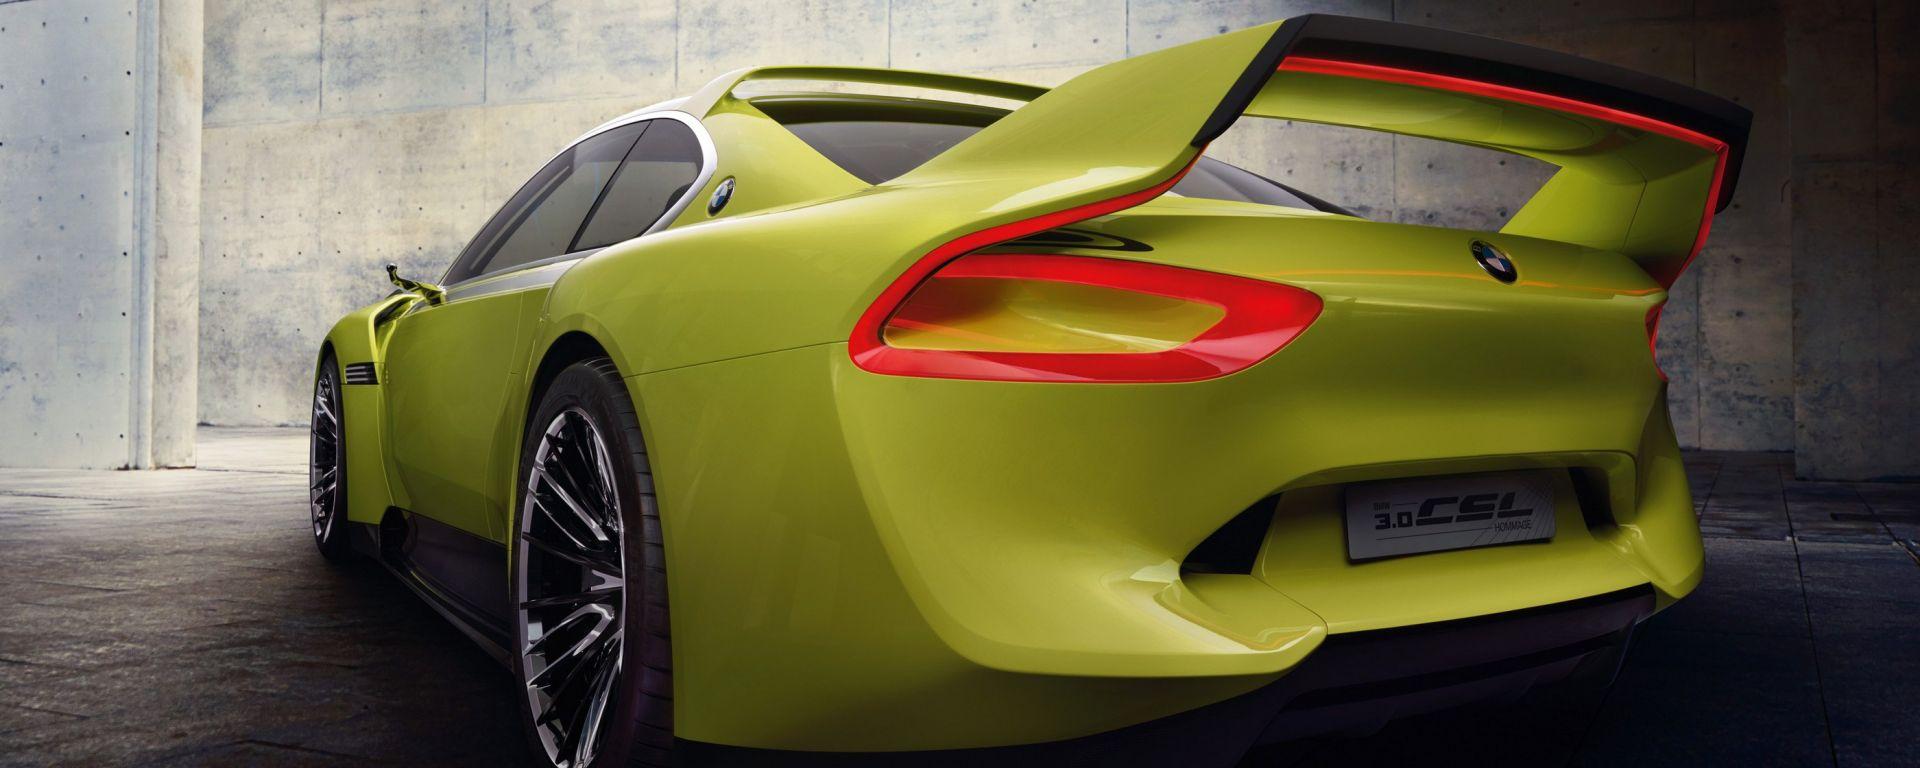 BMW 3.0 CSL Hommage: tutte le foto